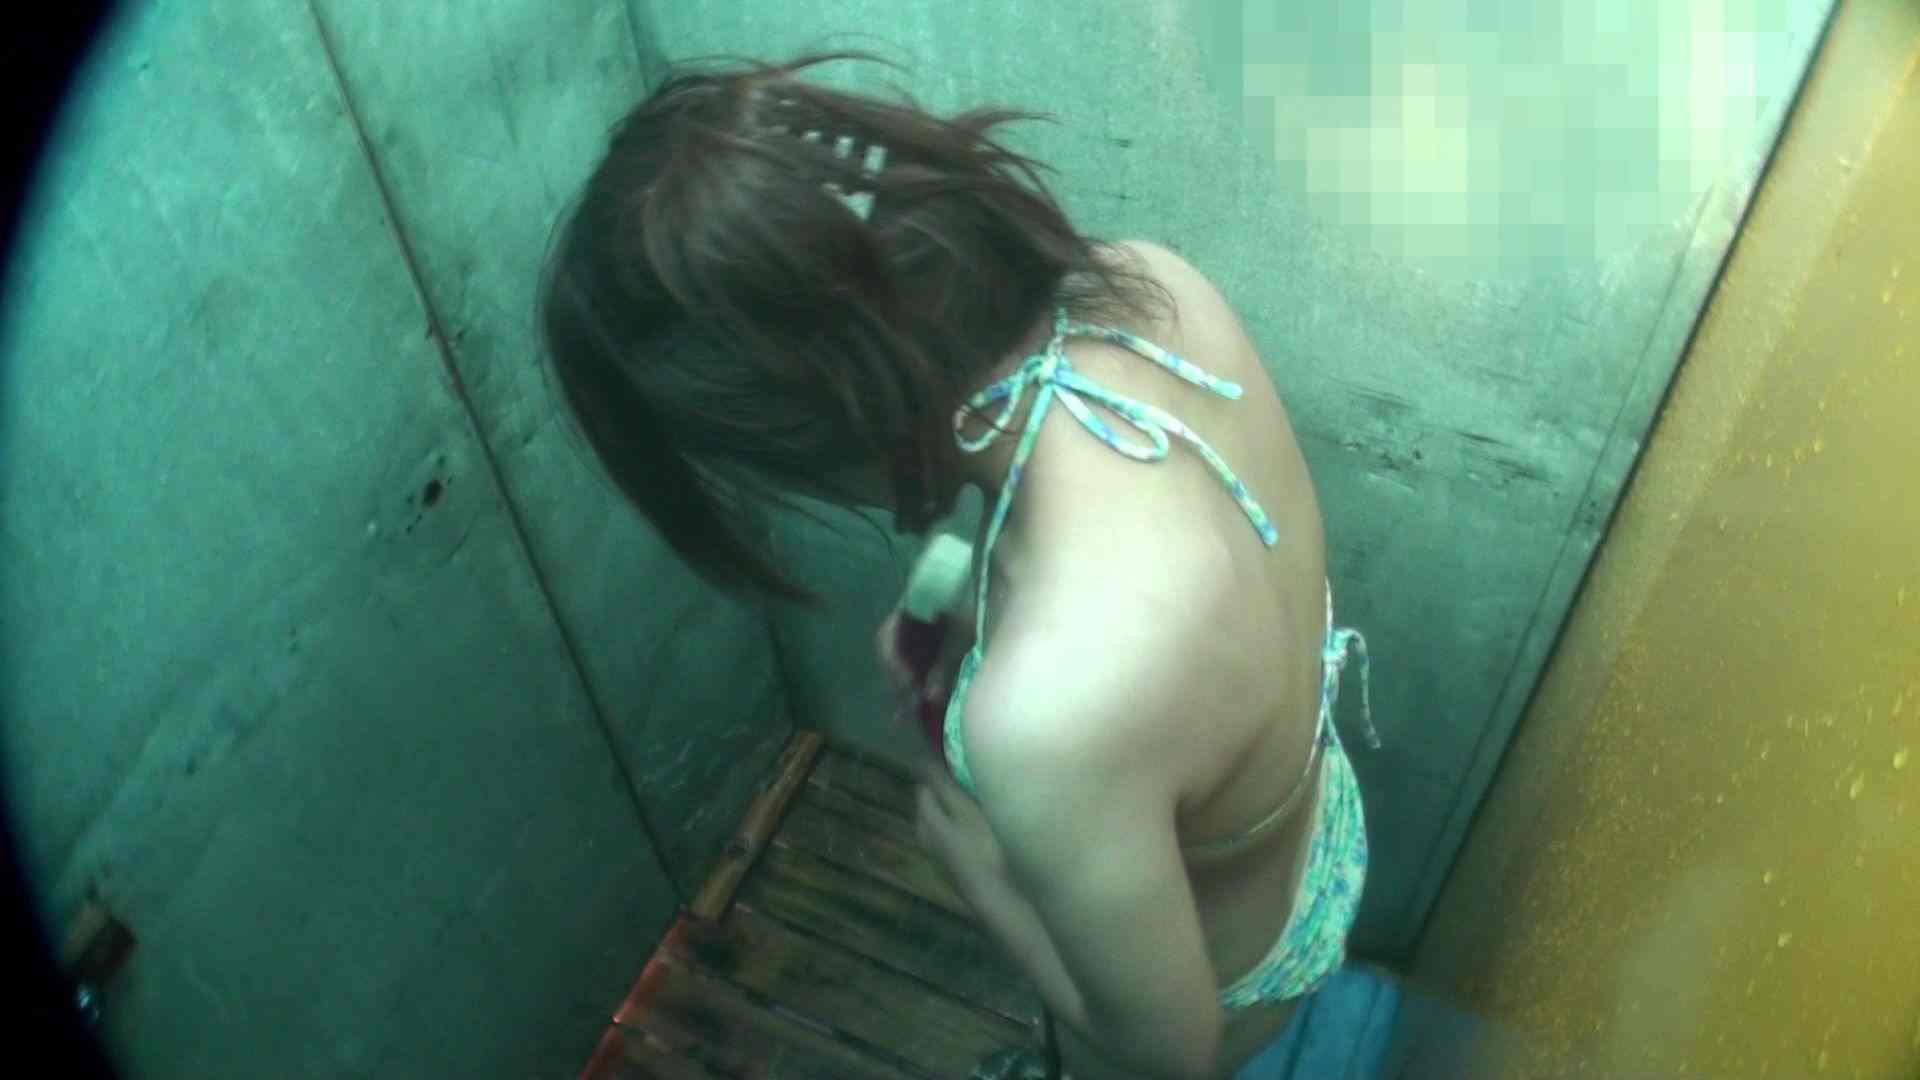 シャワールームは超!!危険な香りVol.15 残念ですが乳首未確認 マンコの砂は入念に 乳首 エロ無料画像 106画像 3